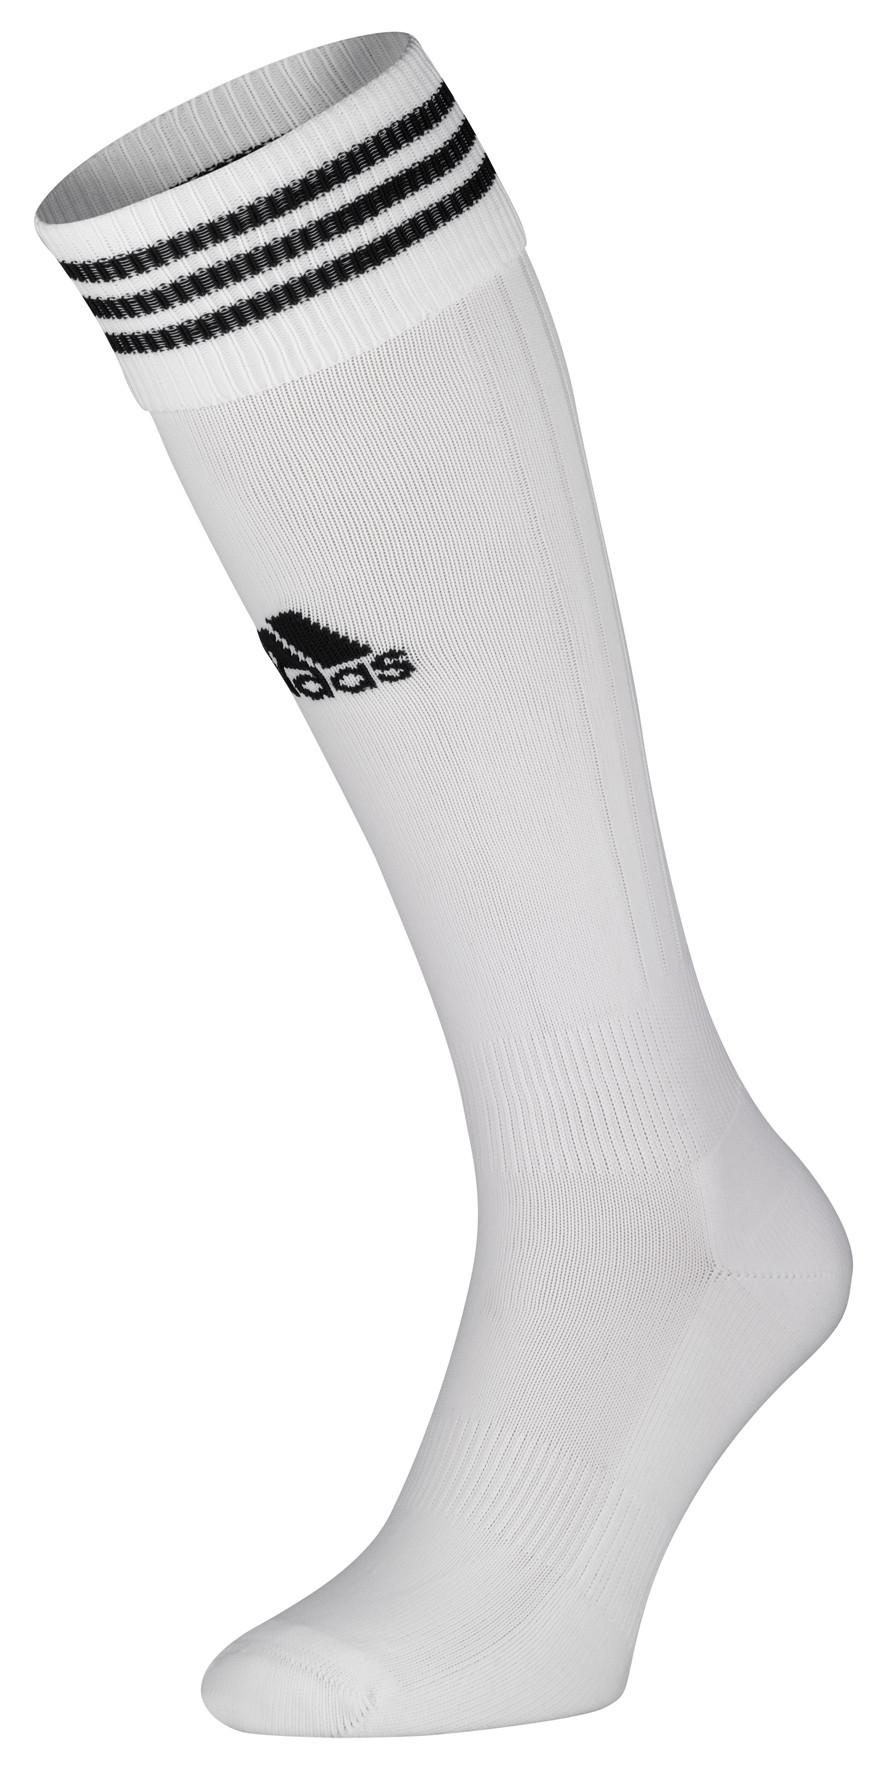 Adidas AdiSOCK White Black